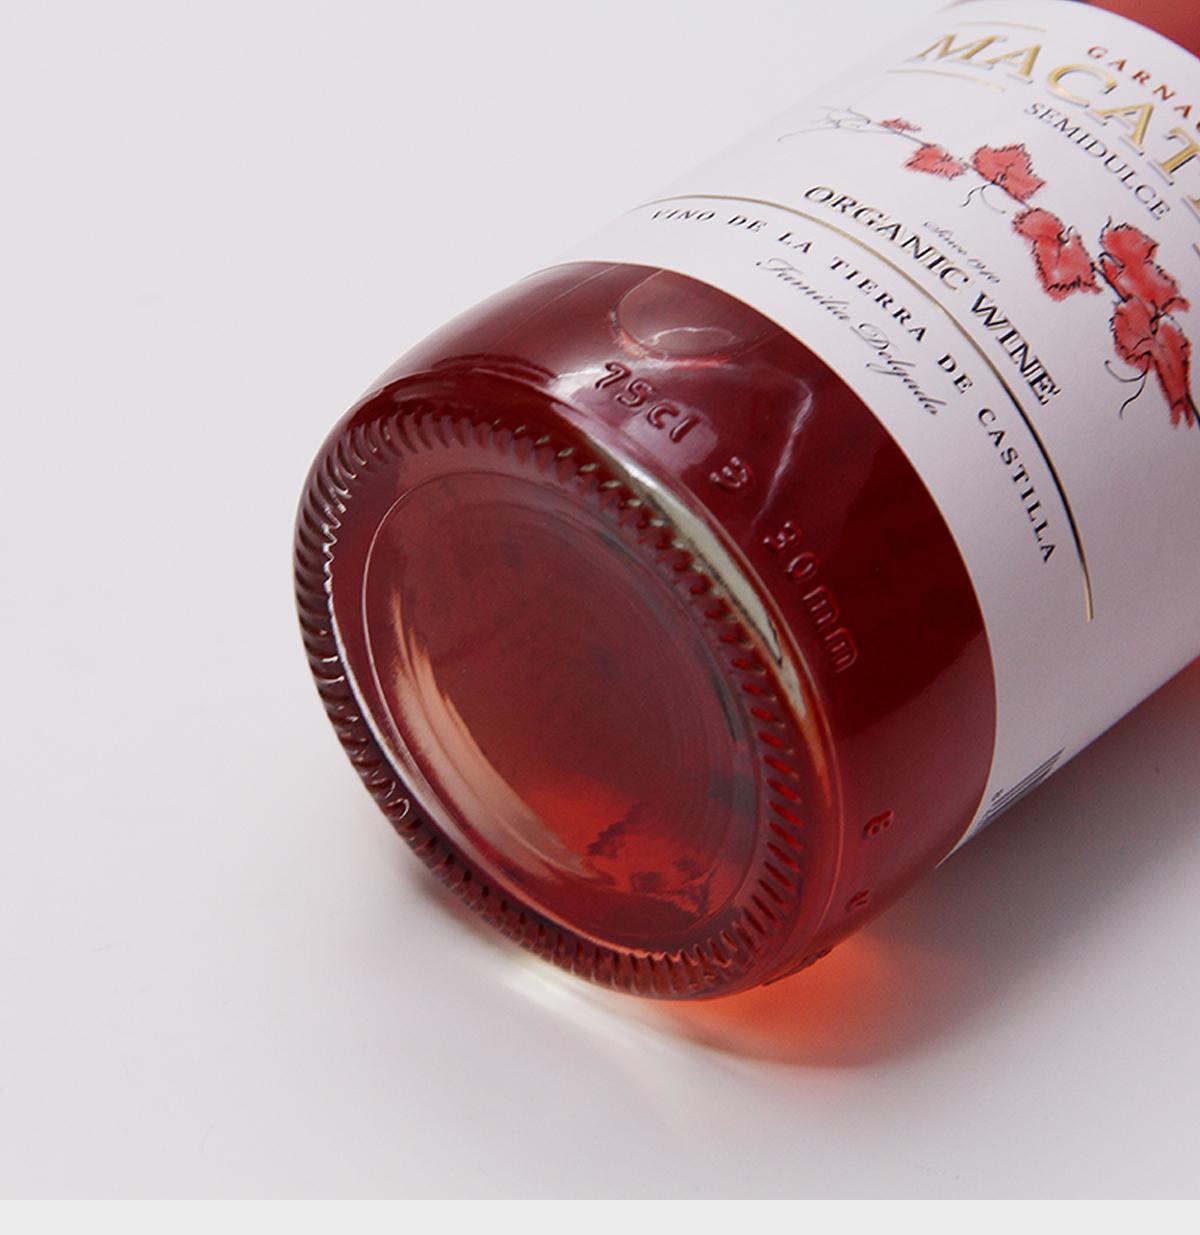 马卡特拉半甜桃红葡萄酒